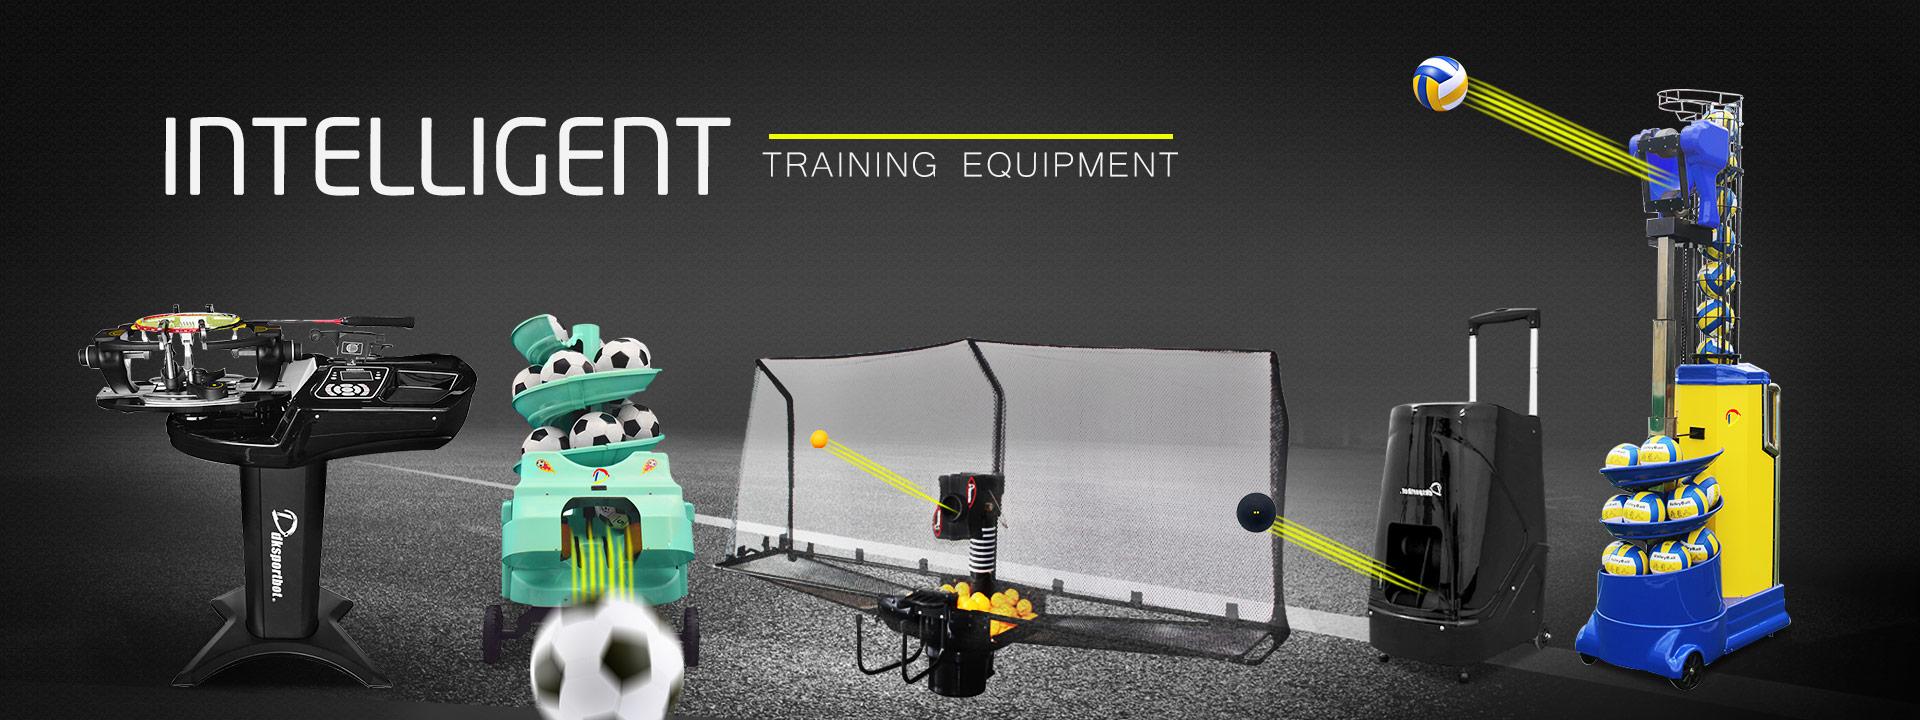 ball training machine